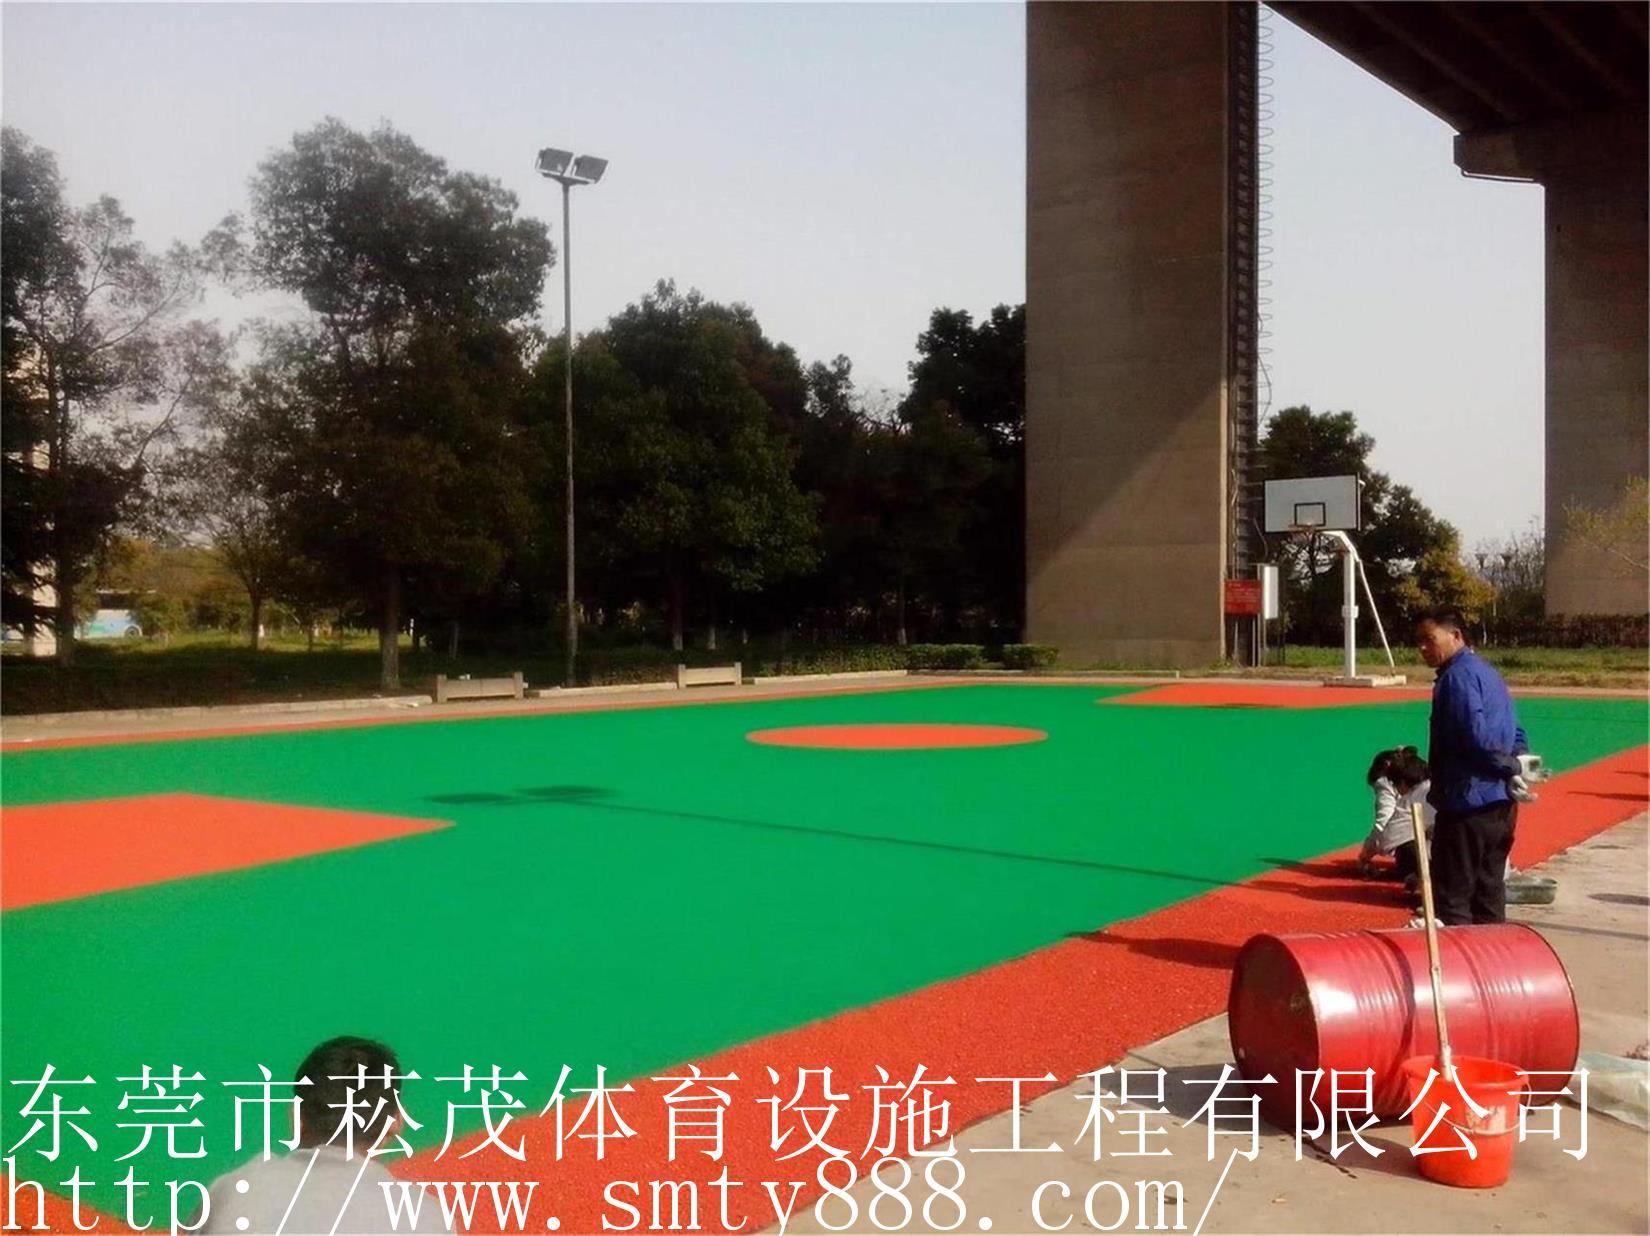 北京塑膠籃球場_東莞優良塑膠籃球場